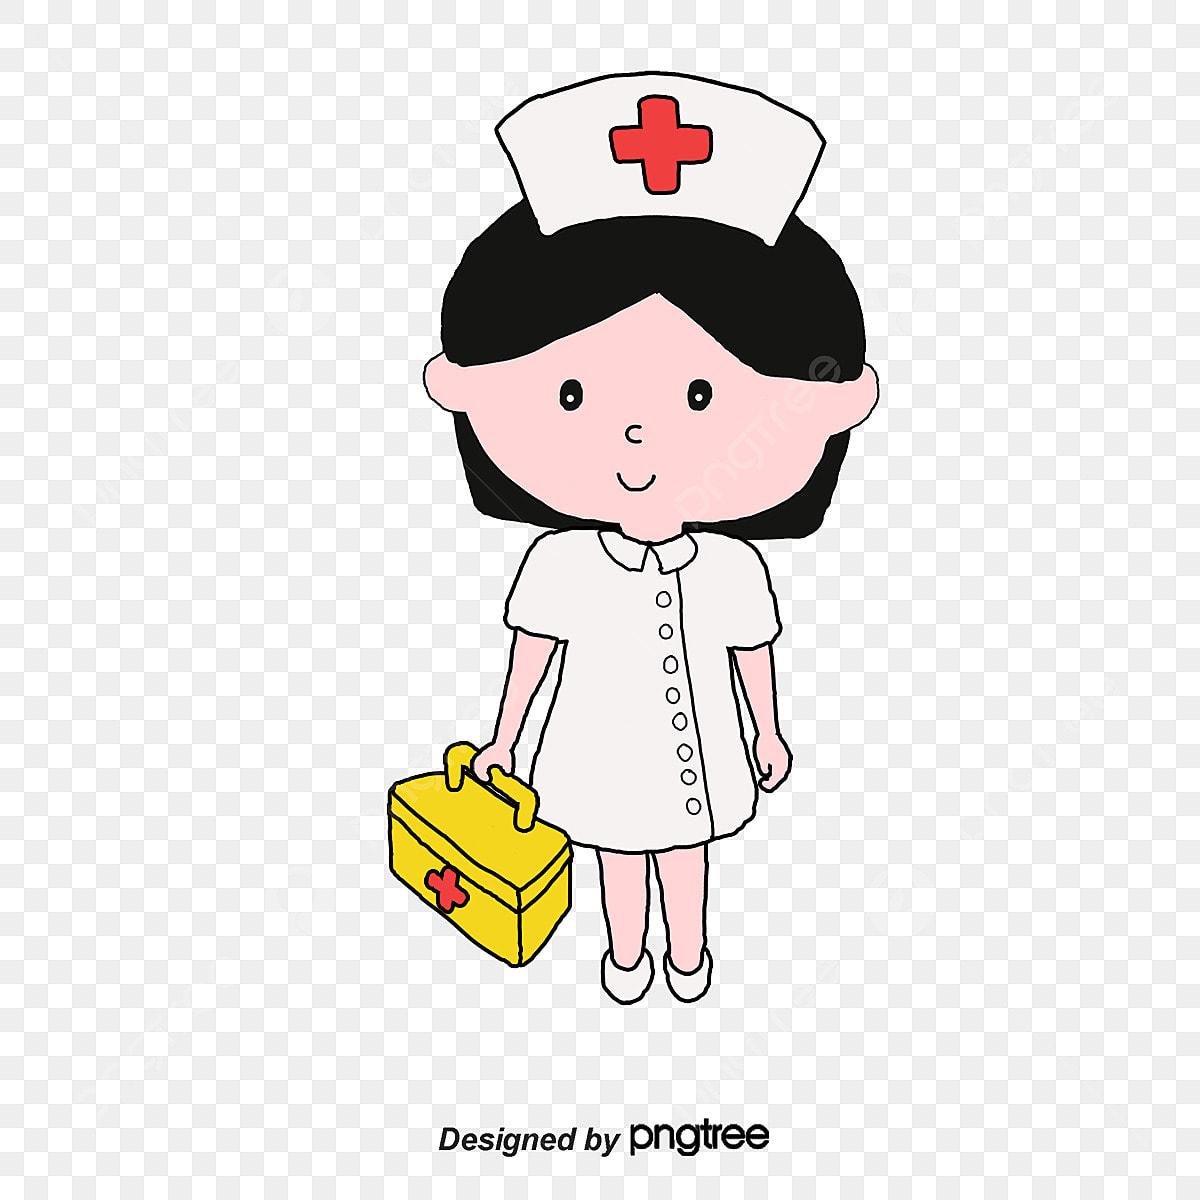 dessin de l infirmi u00e8re l image de carte de visite la petite infirmi u00e8re de pointes les